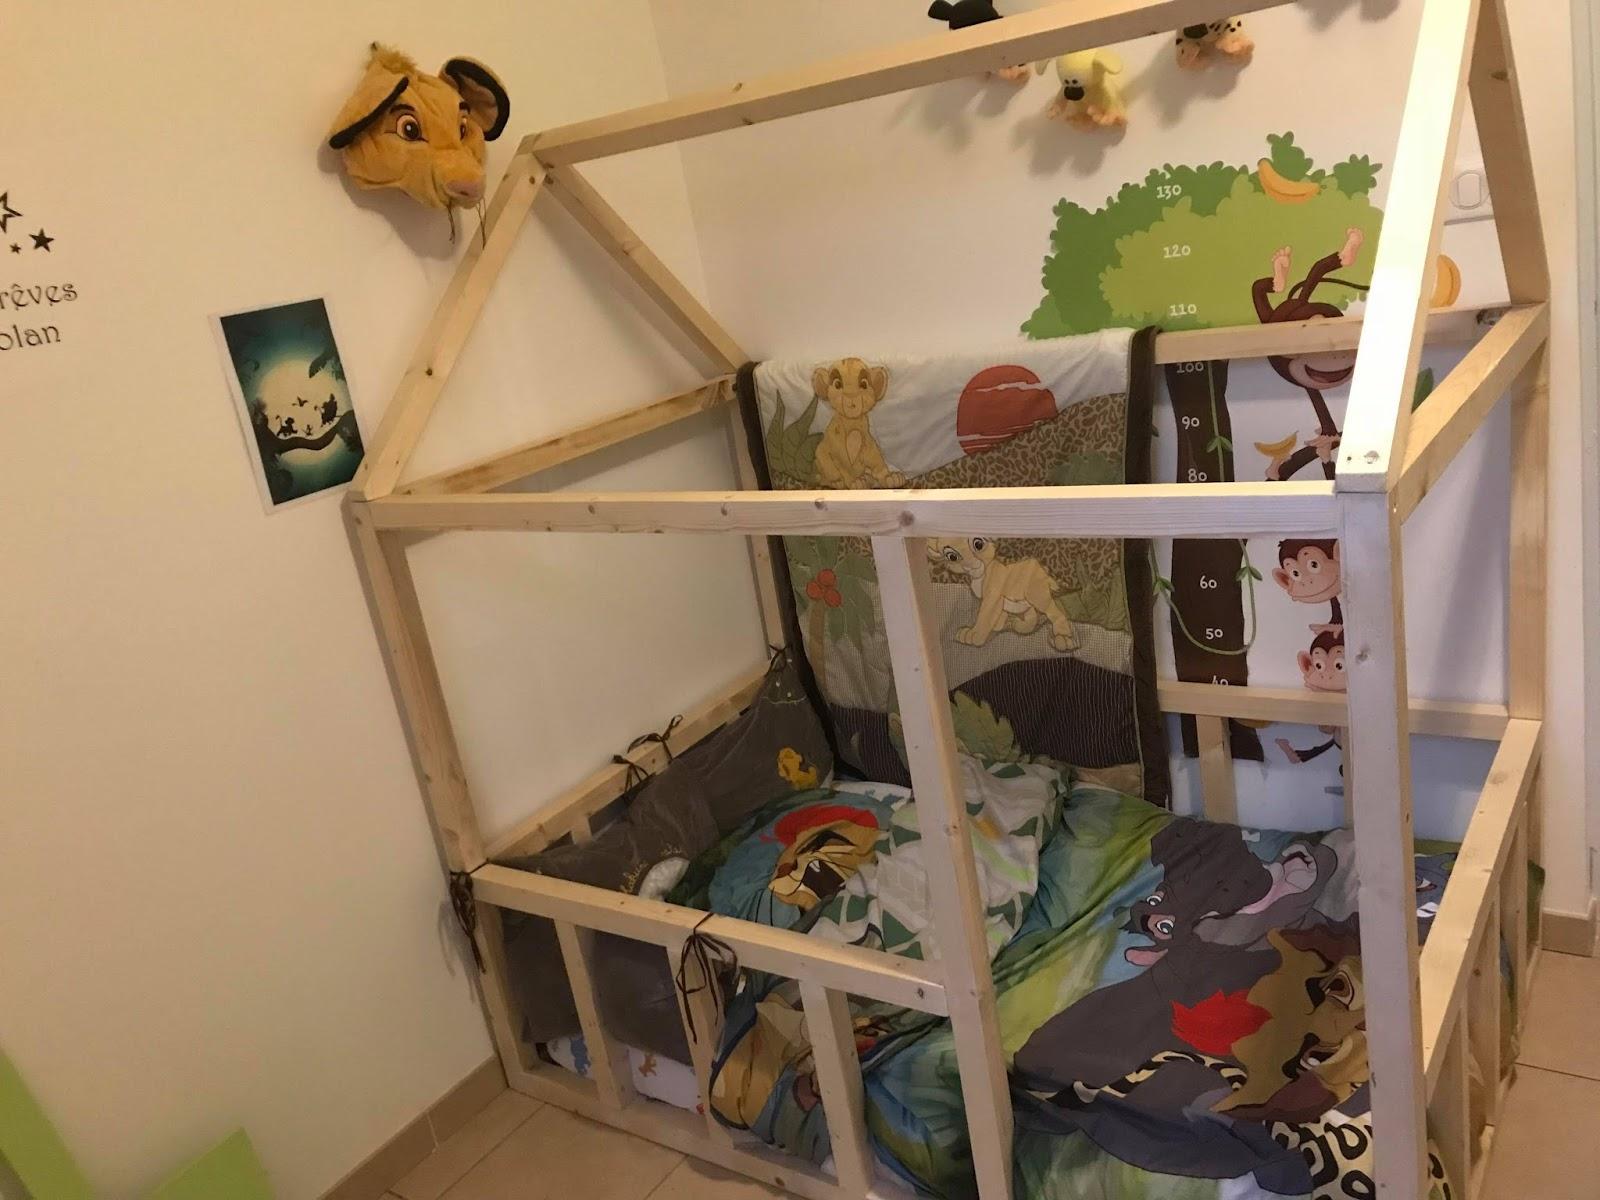 Lit Cabane Maman Louve bricotransferts de pascale: un lit cabane sur mesure pour